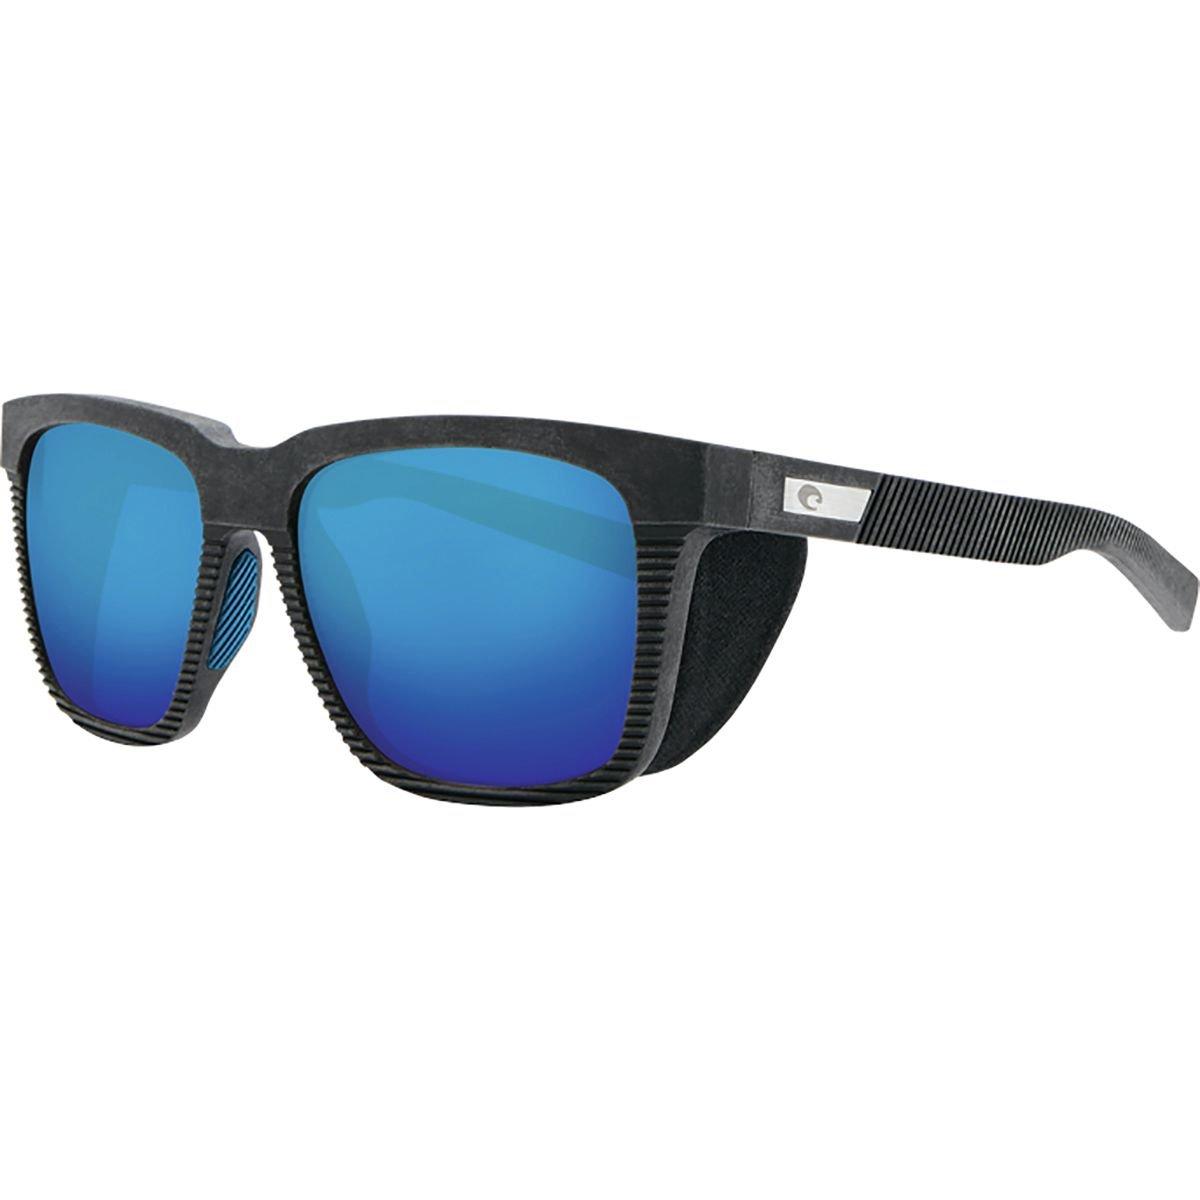 259057a4e8c Costa del mar costa del mar uc bobmglp pescador blue jpg 1200x1200 Del mar  blue